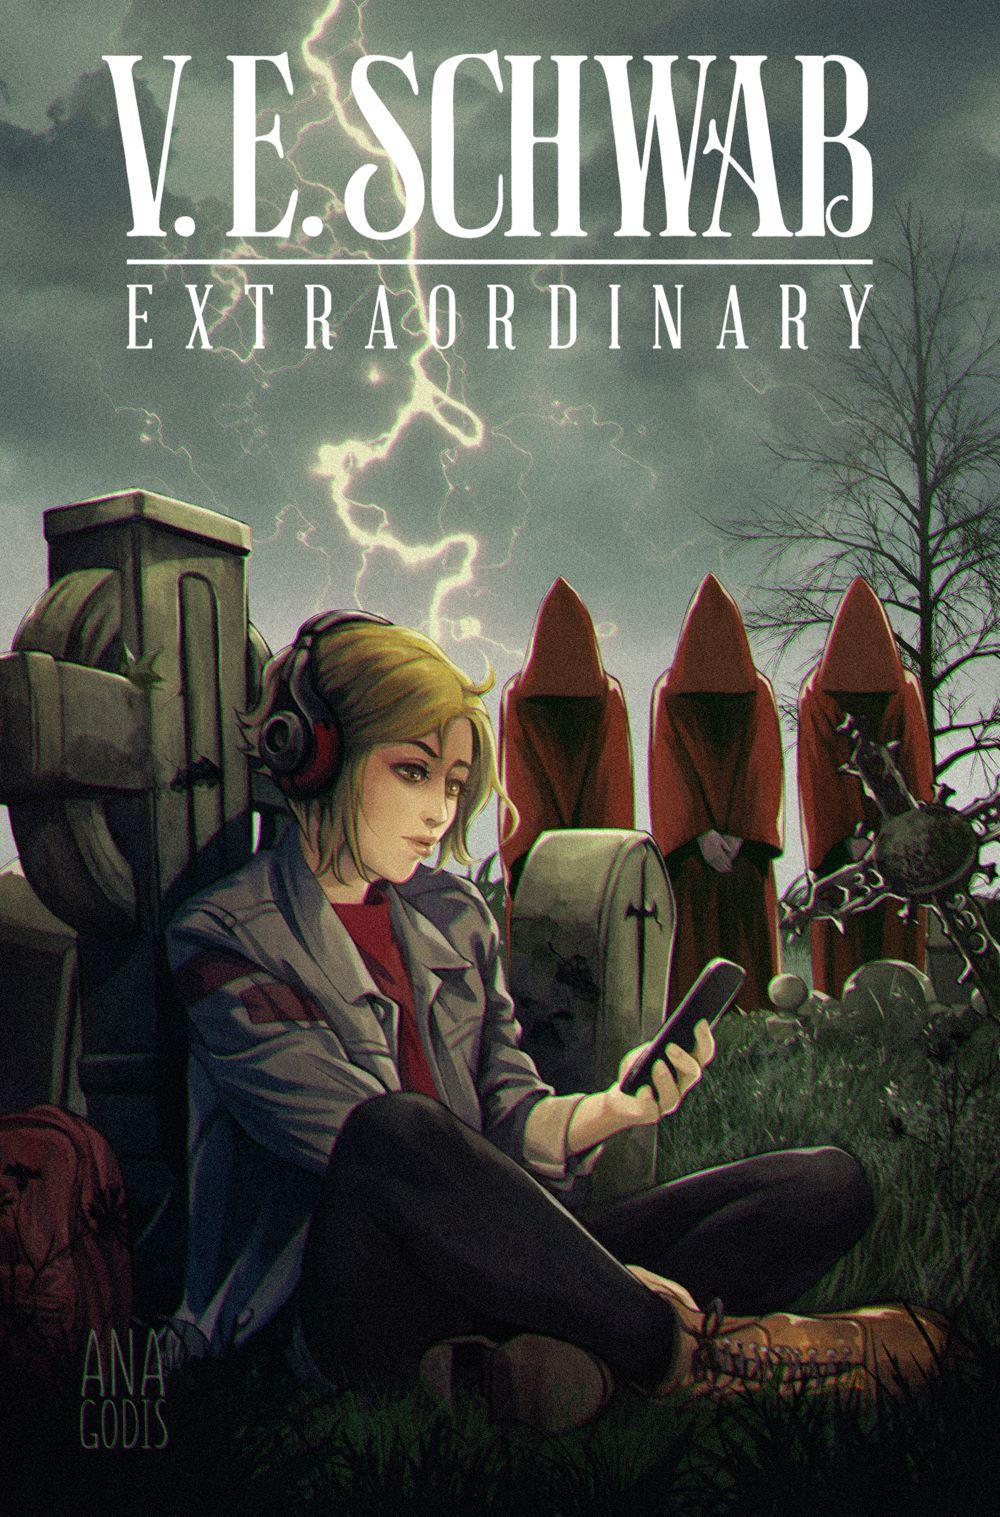 EXTRAORDINARY-2C-ANA-GODIS Titan Comics July 2021 Solicitations